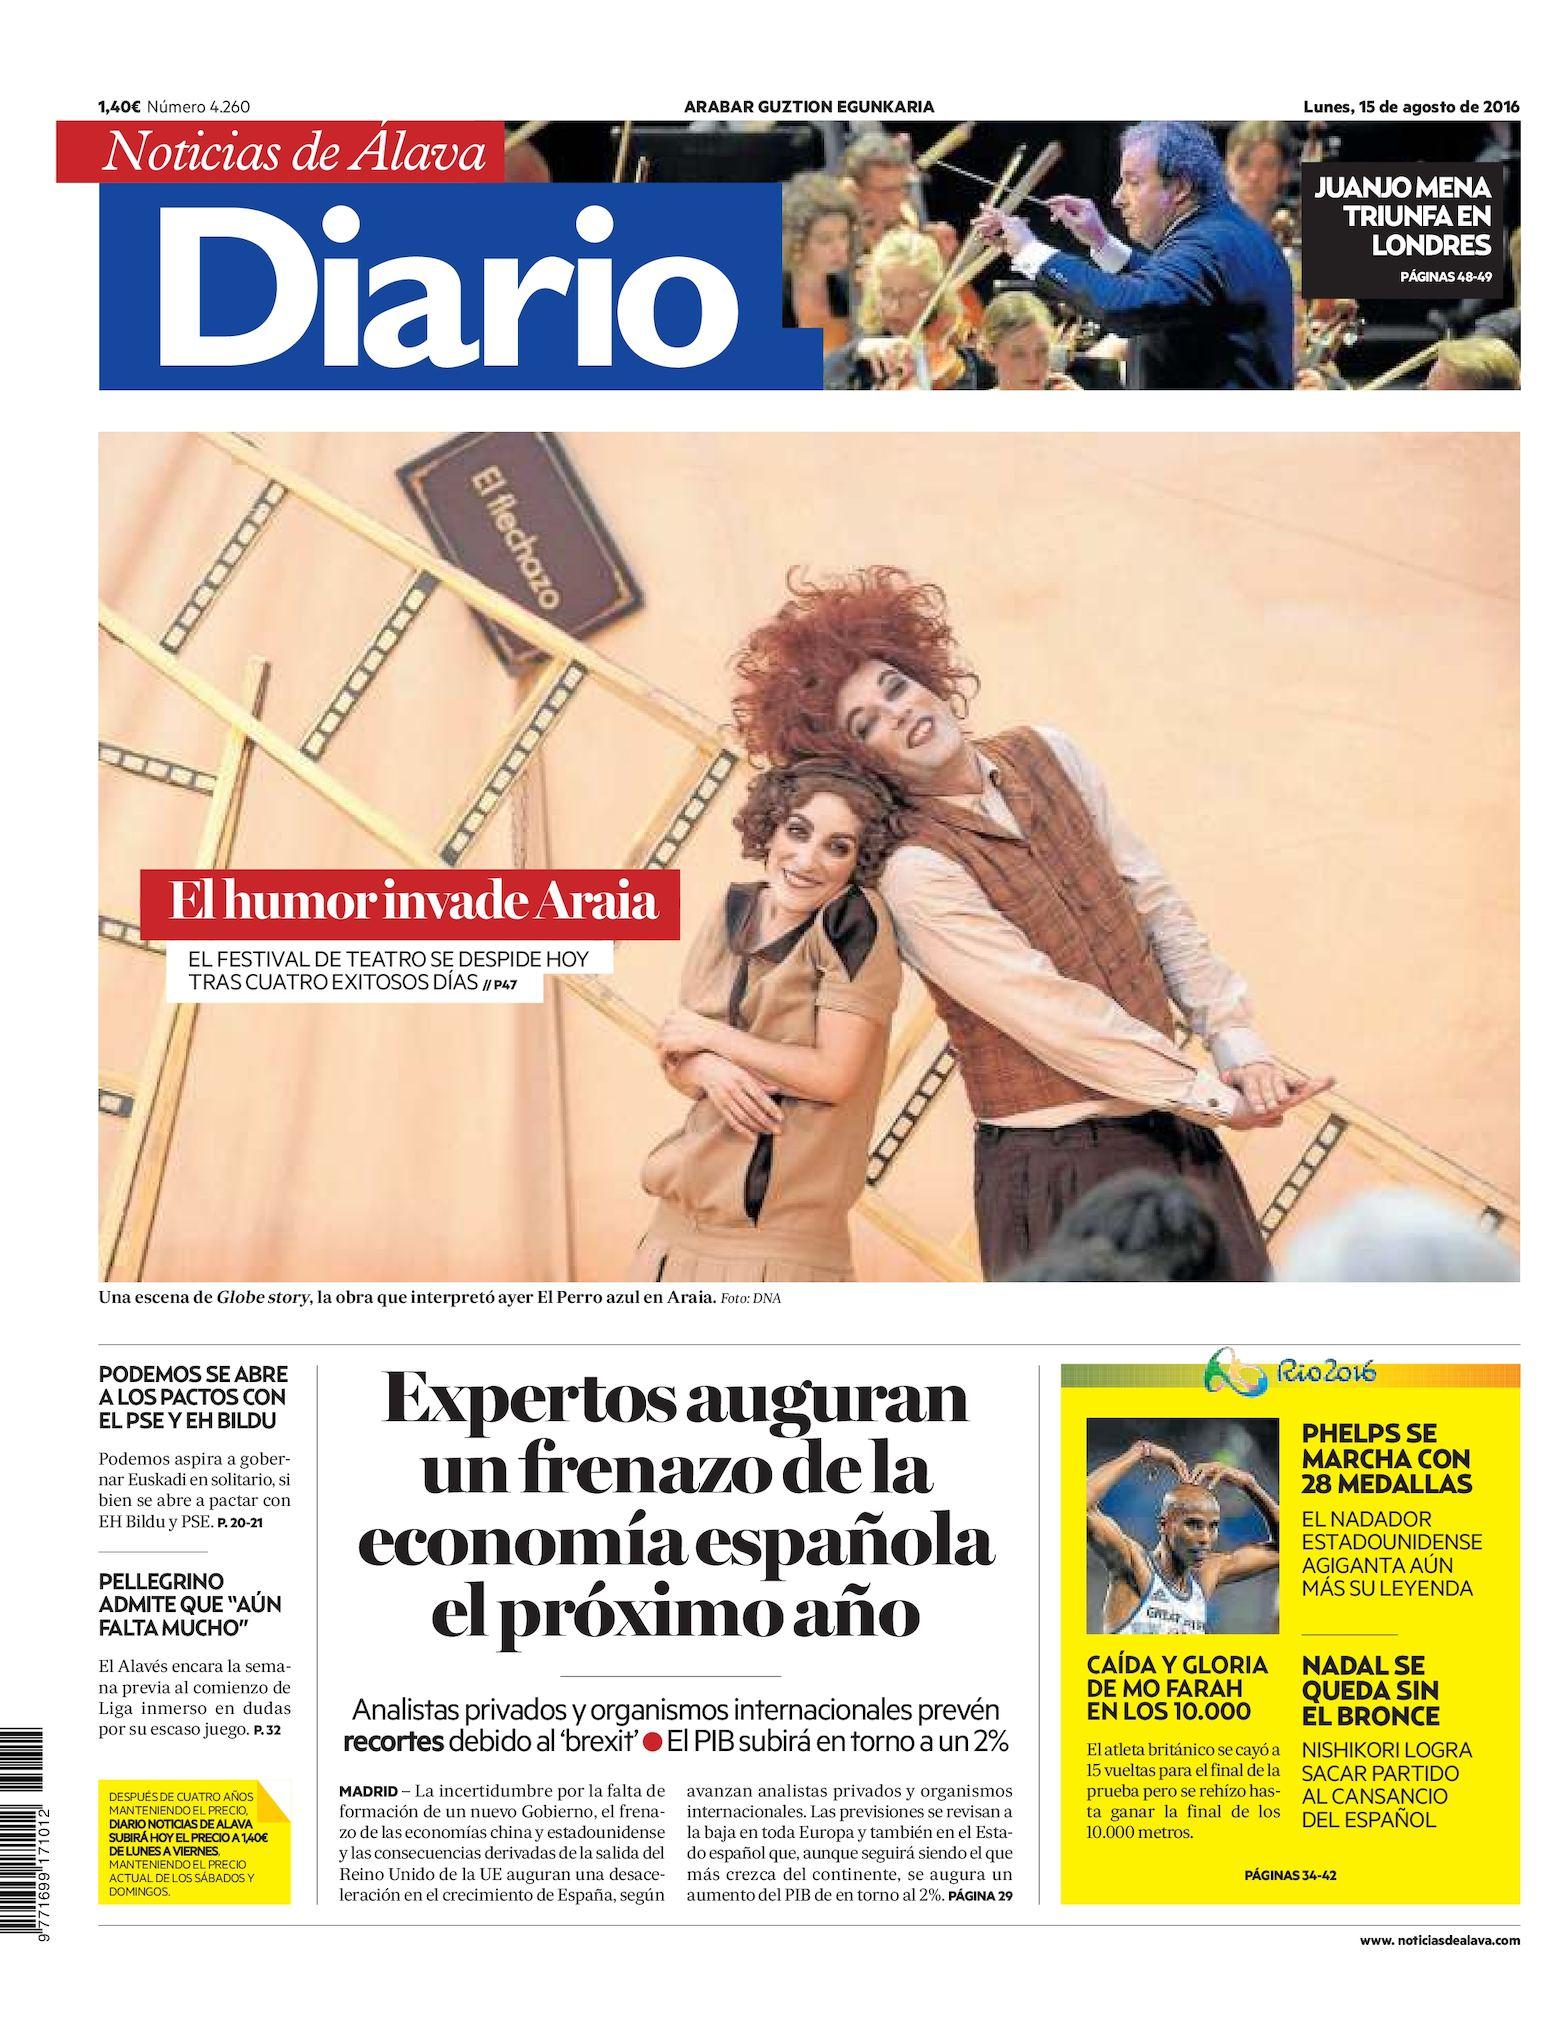 Calaméo - Diario de Noticias de Álava 20160815 585d66b0869